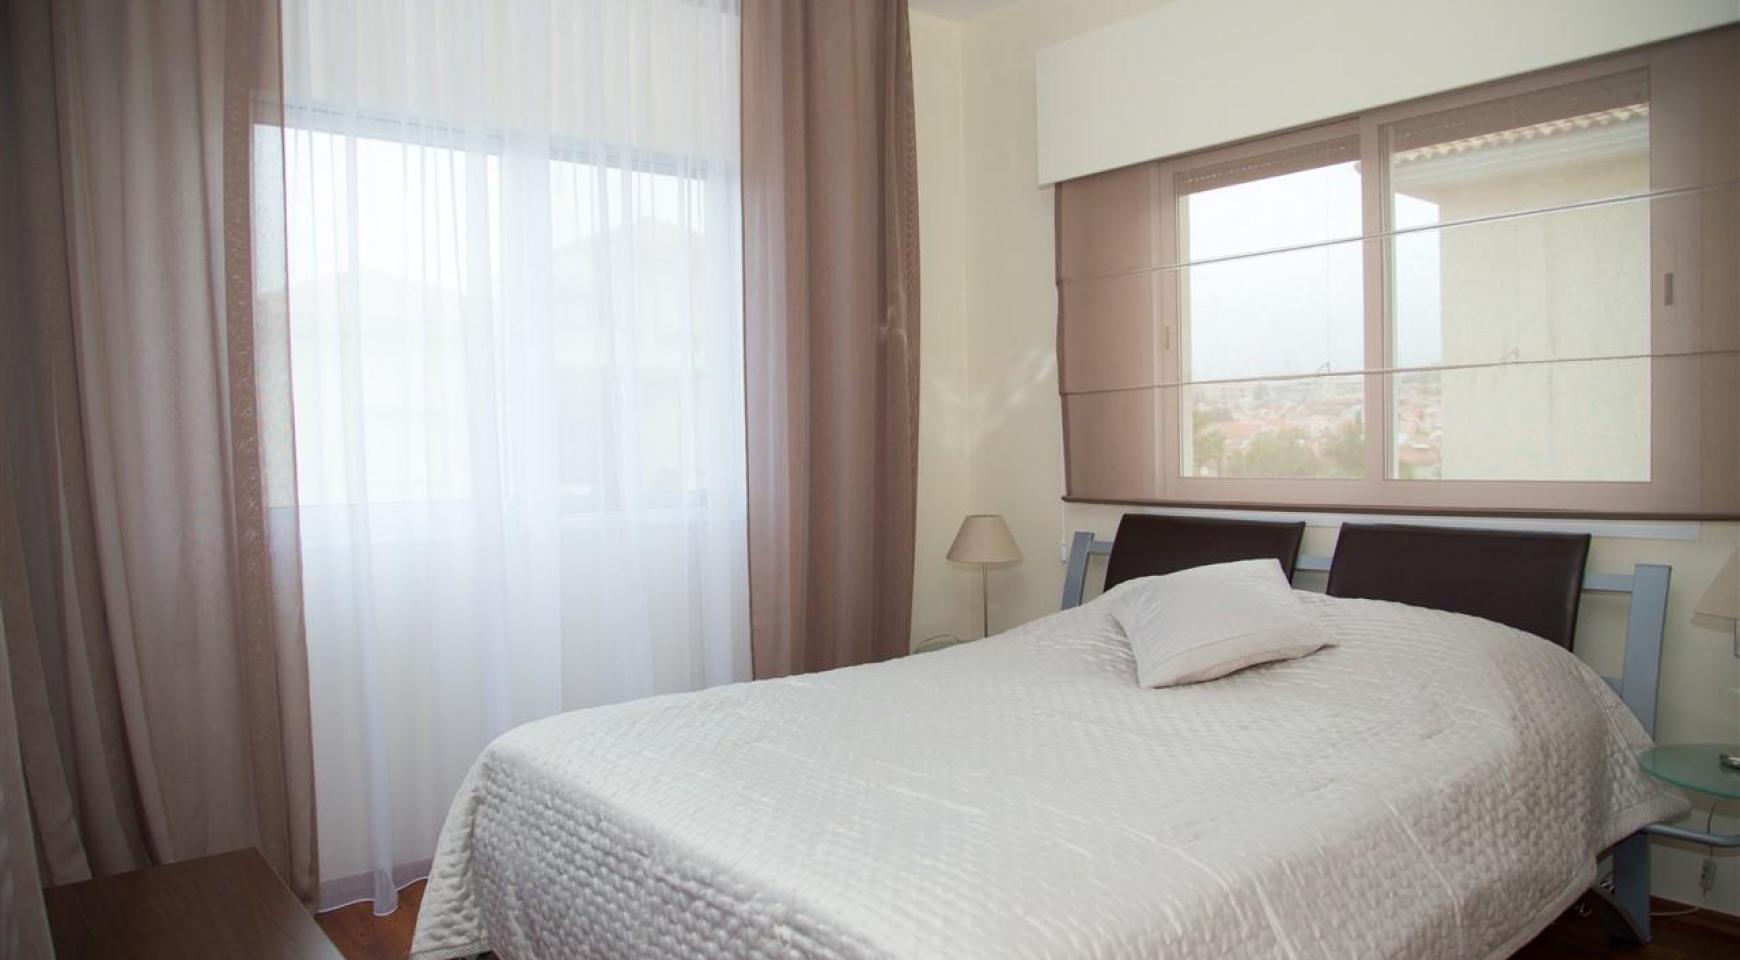 """2-Спальная Квартира - Люкс """"Mesogios Iris 304"""" в Туристической Зоне возле Моря - 15"""